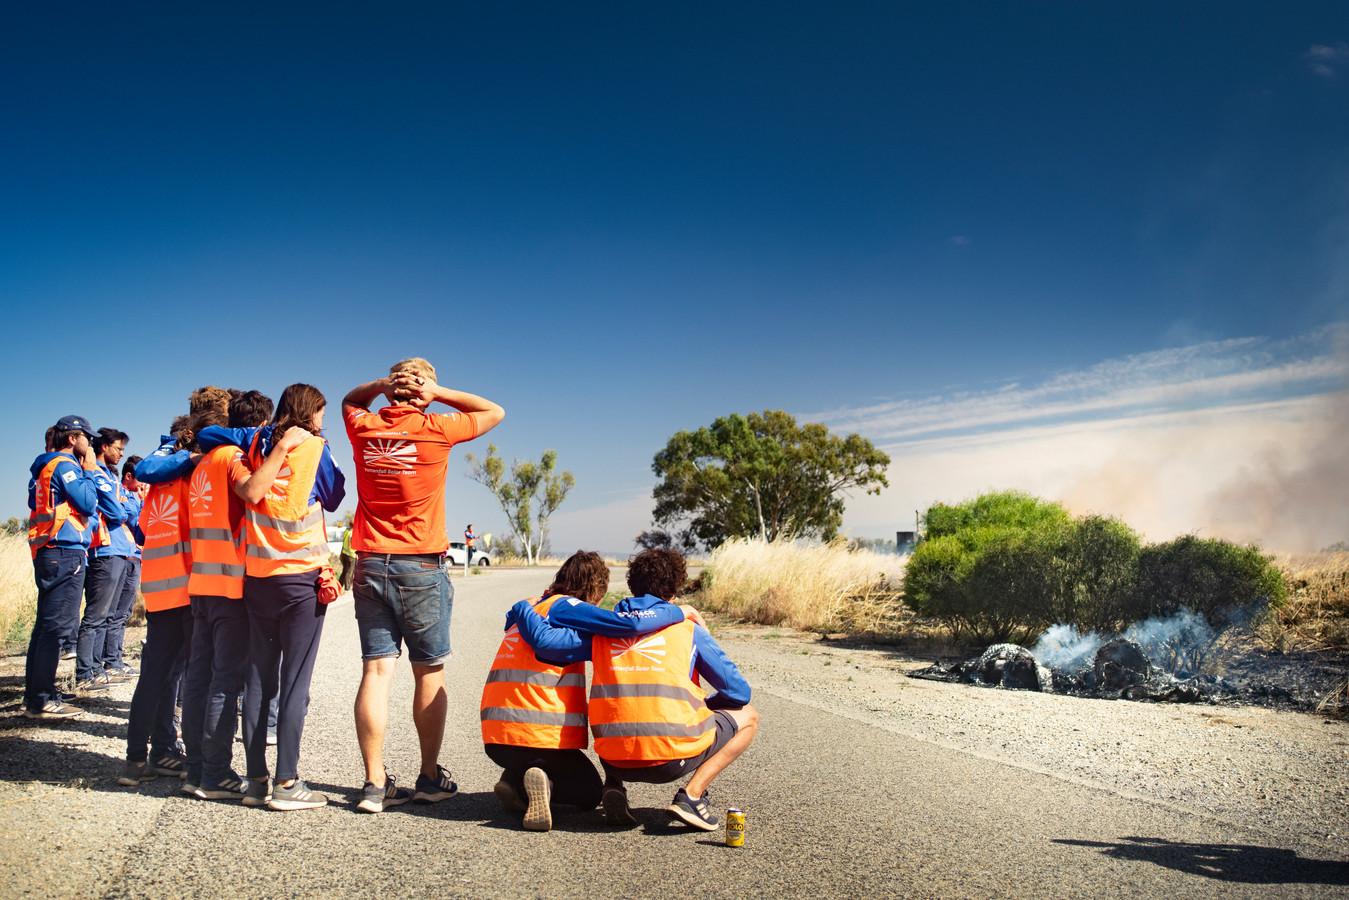 Ongeloof bij het team van de TU Delft nadat de auto vlam vatte.